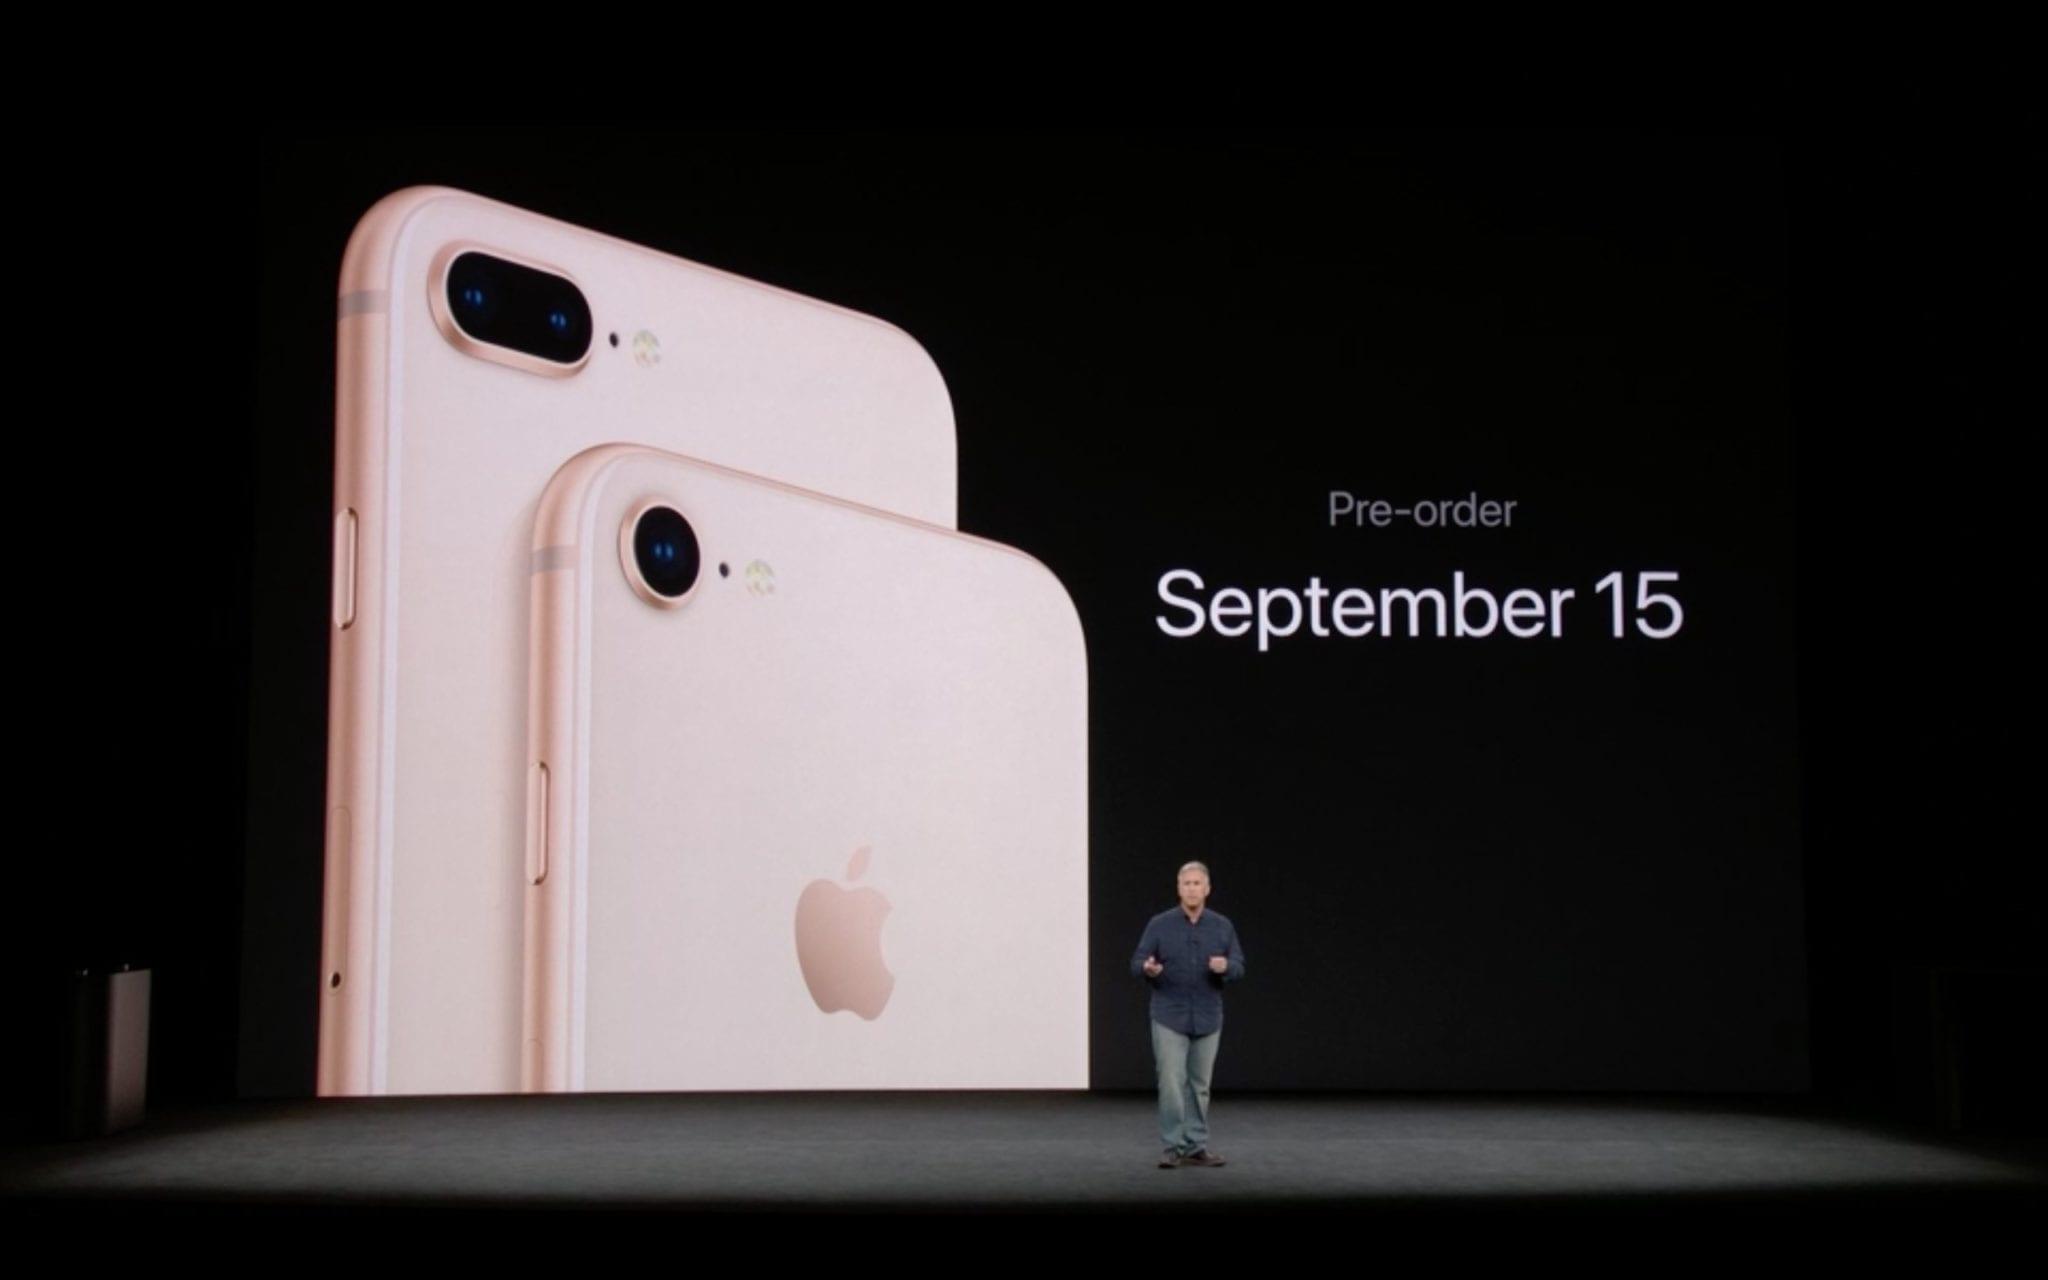 Snímka obrazovky 2017 09 12 o 20.16.47 - iPhone 8 a iPhone 8 Plus prinášajú nový dizajn, rýchlejšie procesory a bezdrôtové nabíjanie